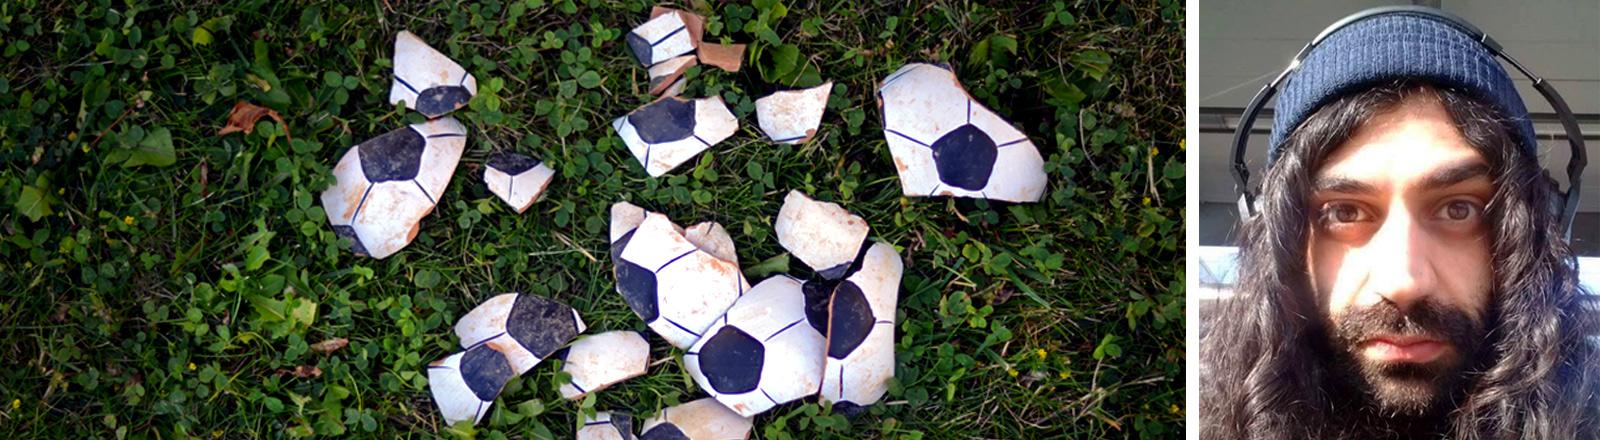 Scherben, in Fußballfarben, Porträt eines jungen Mannes